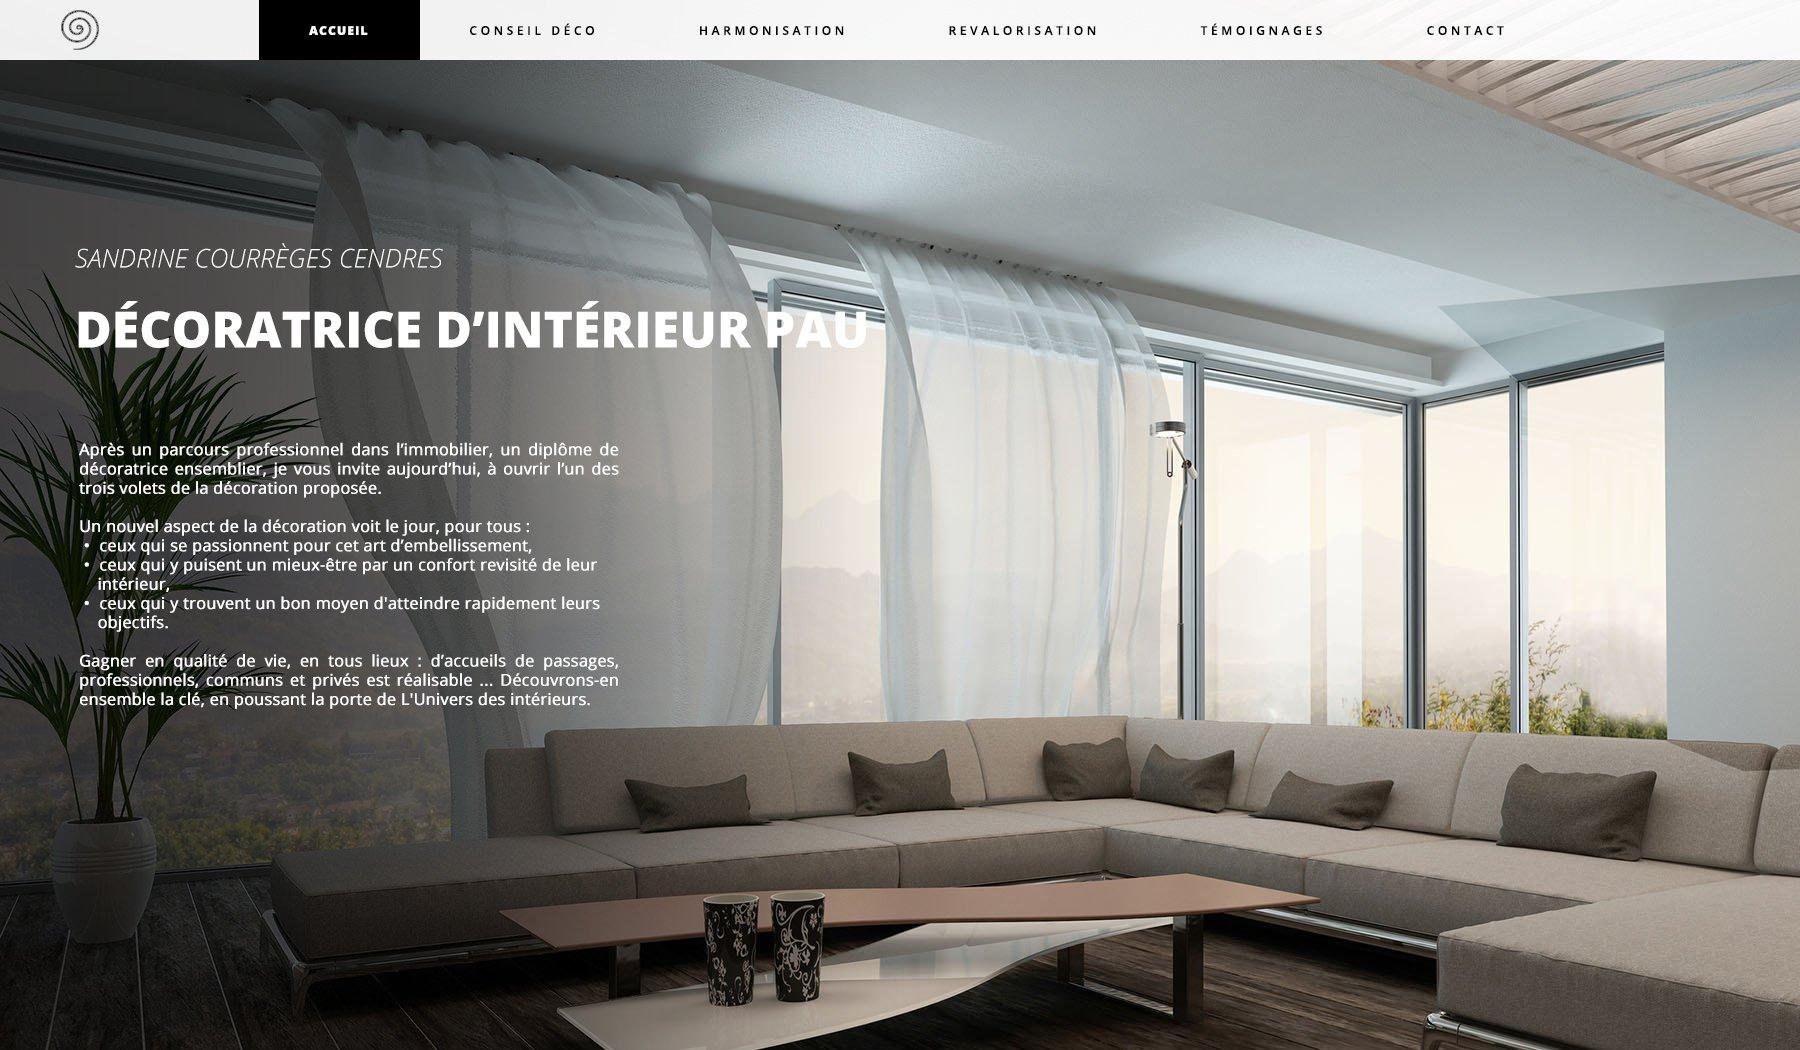 Capture du site internet Univers des intérieurs